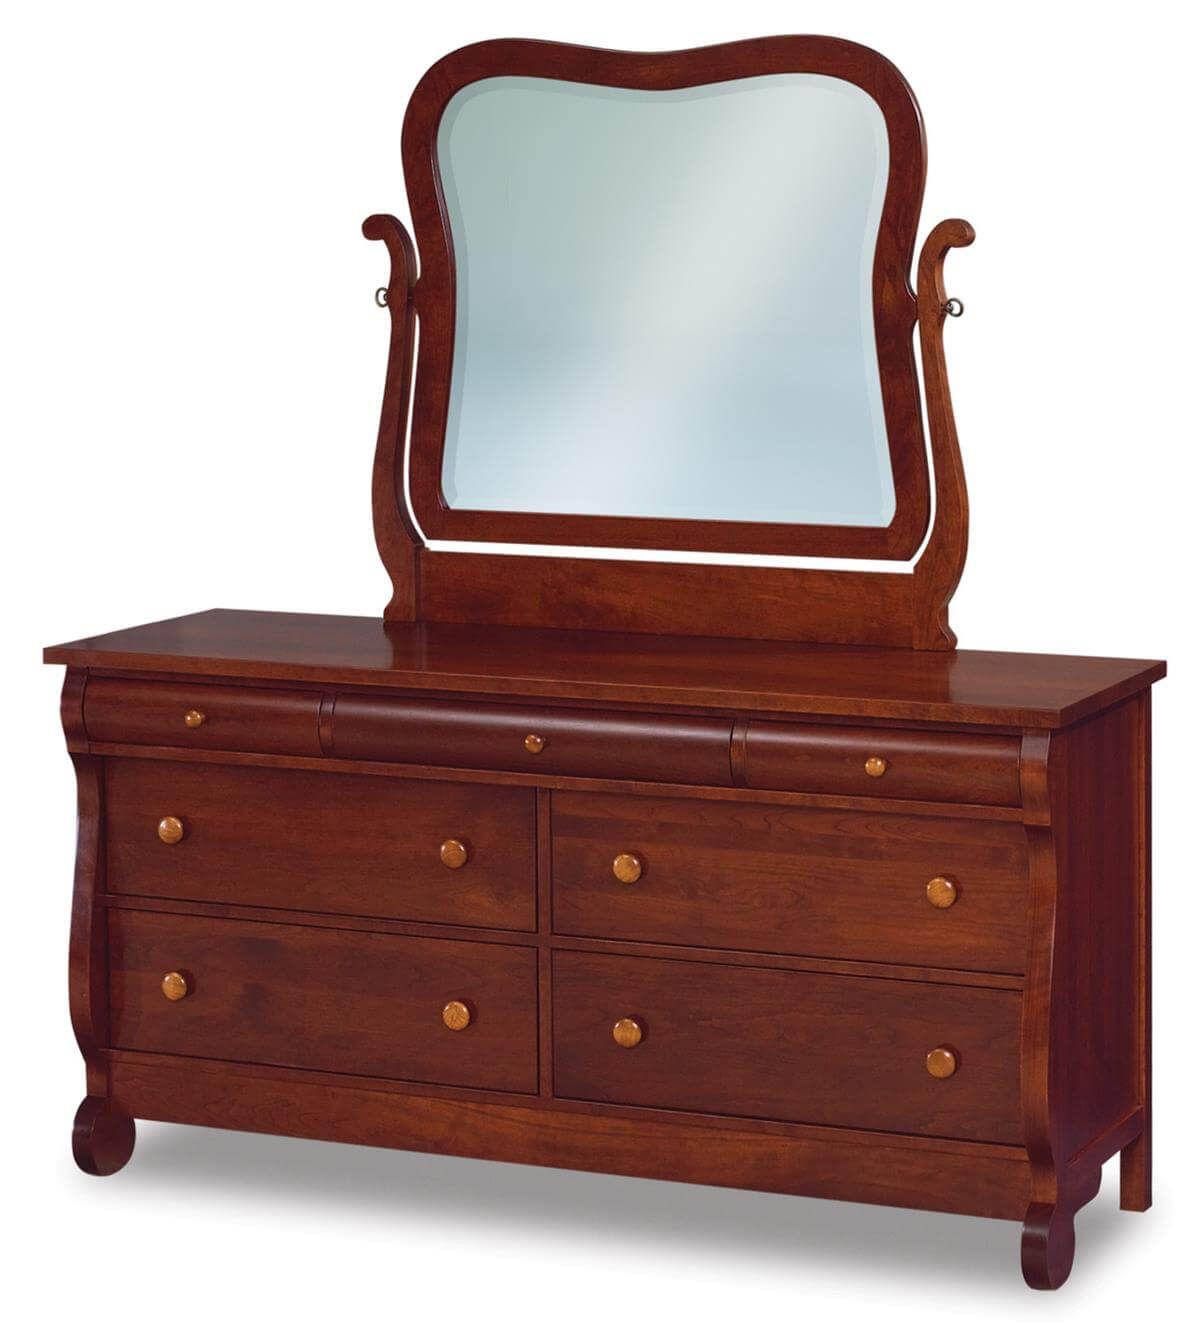 Victoria Sleigh Low Mirror Dresser